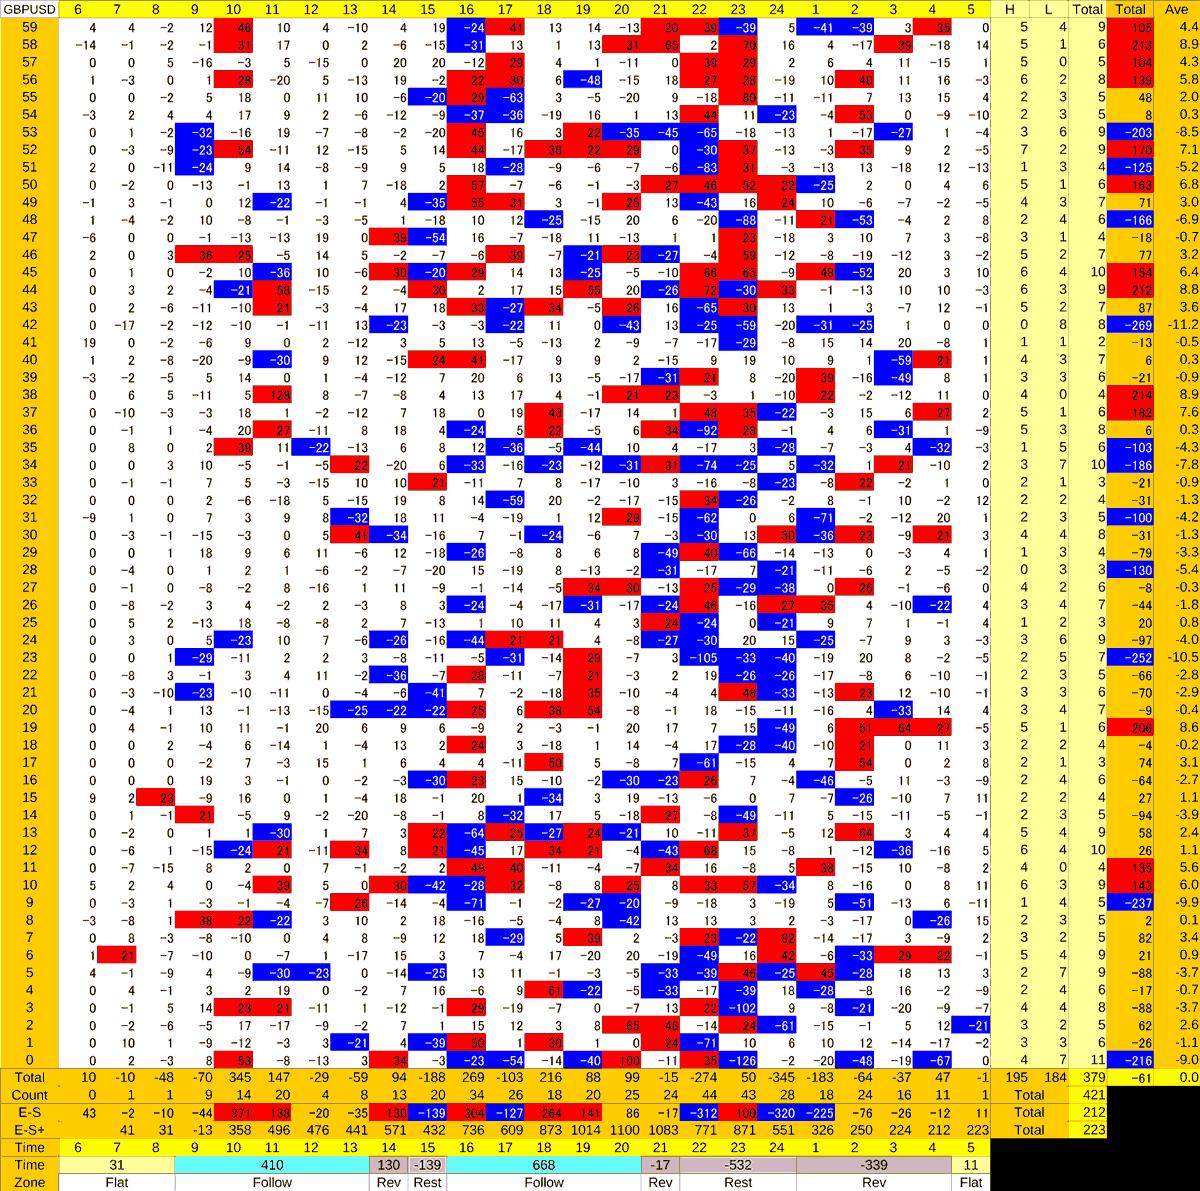 20200901_HS(2)GBPUSD